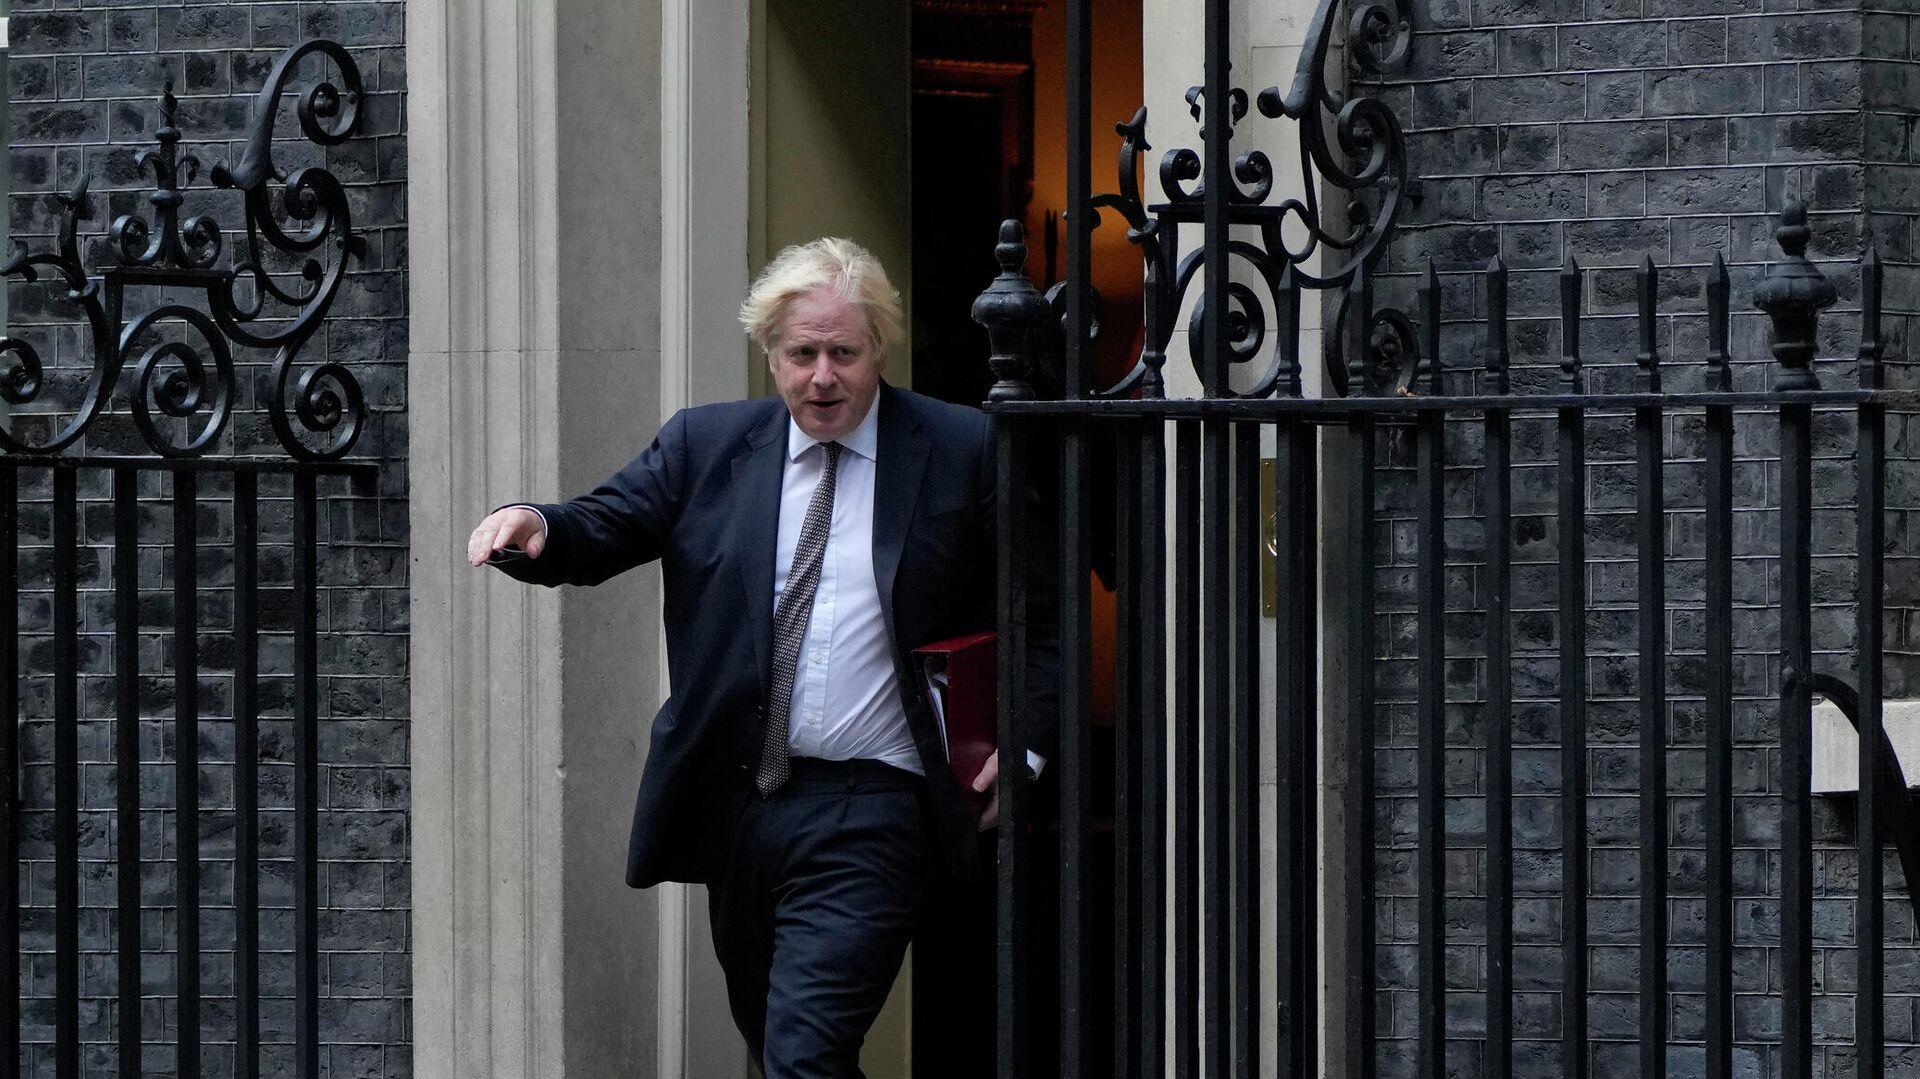 Премьер-министр Великобритании Борис Джонсон, Лондон - РИА Новости, 1920, 22.09.2021